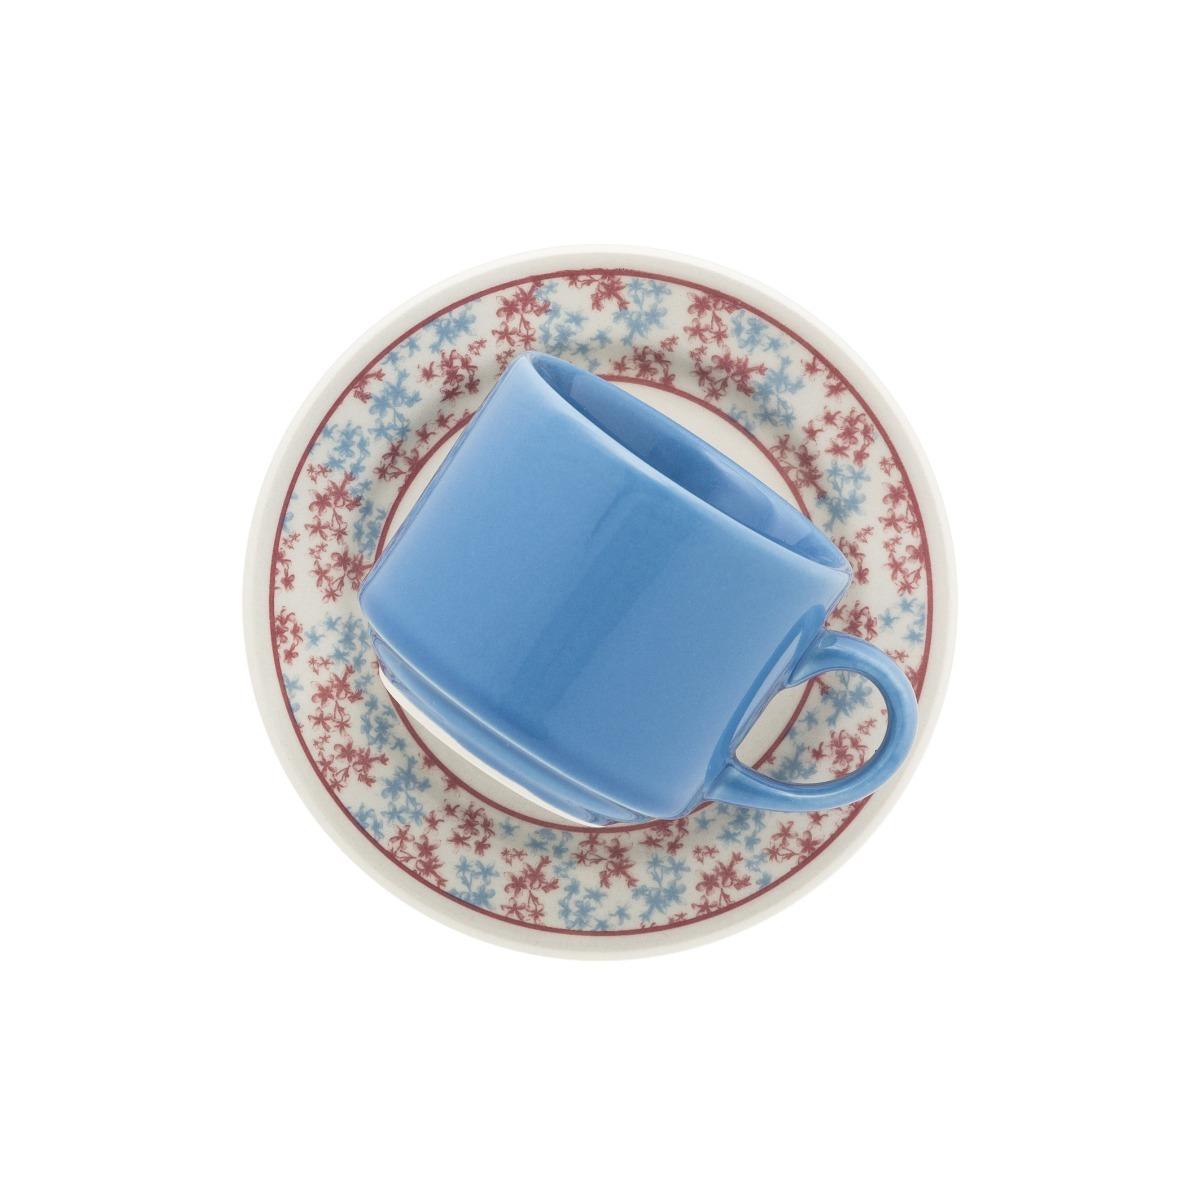 Set X 6 Tazas Plato 210 Ml Loza Biona Deco Melissa Te Cafe